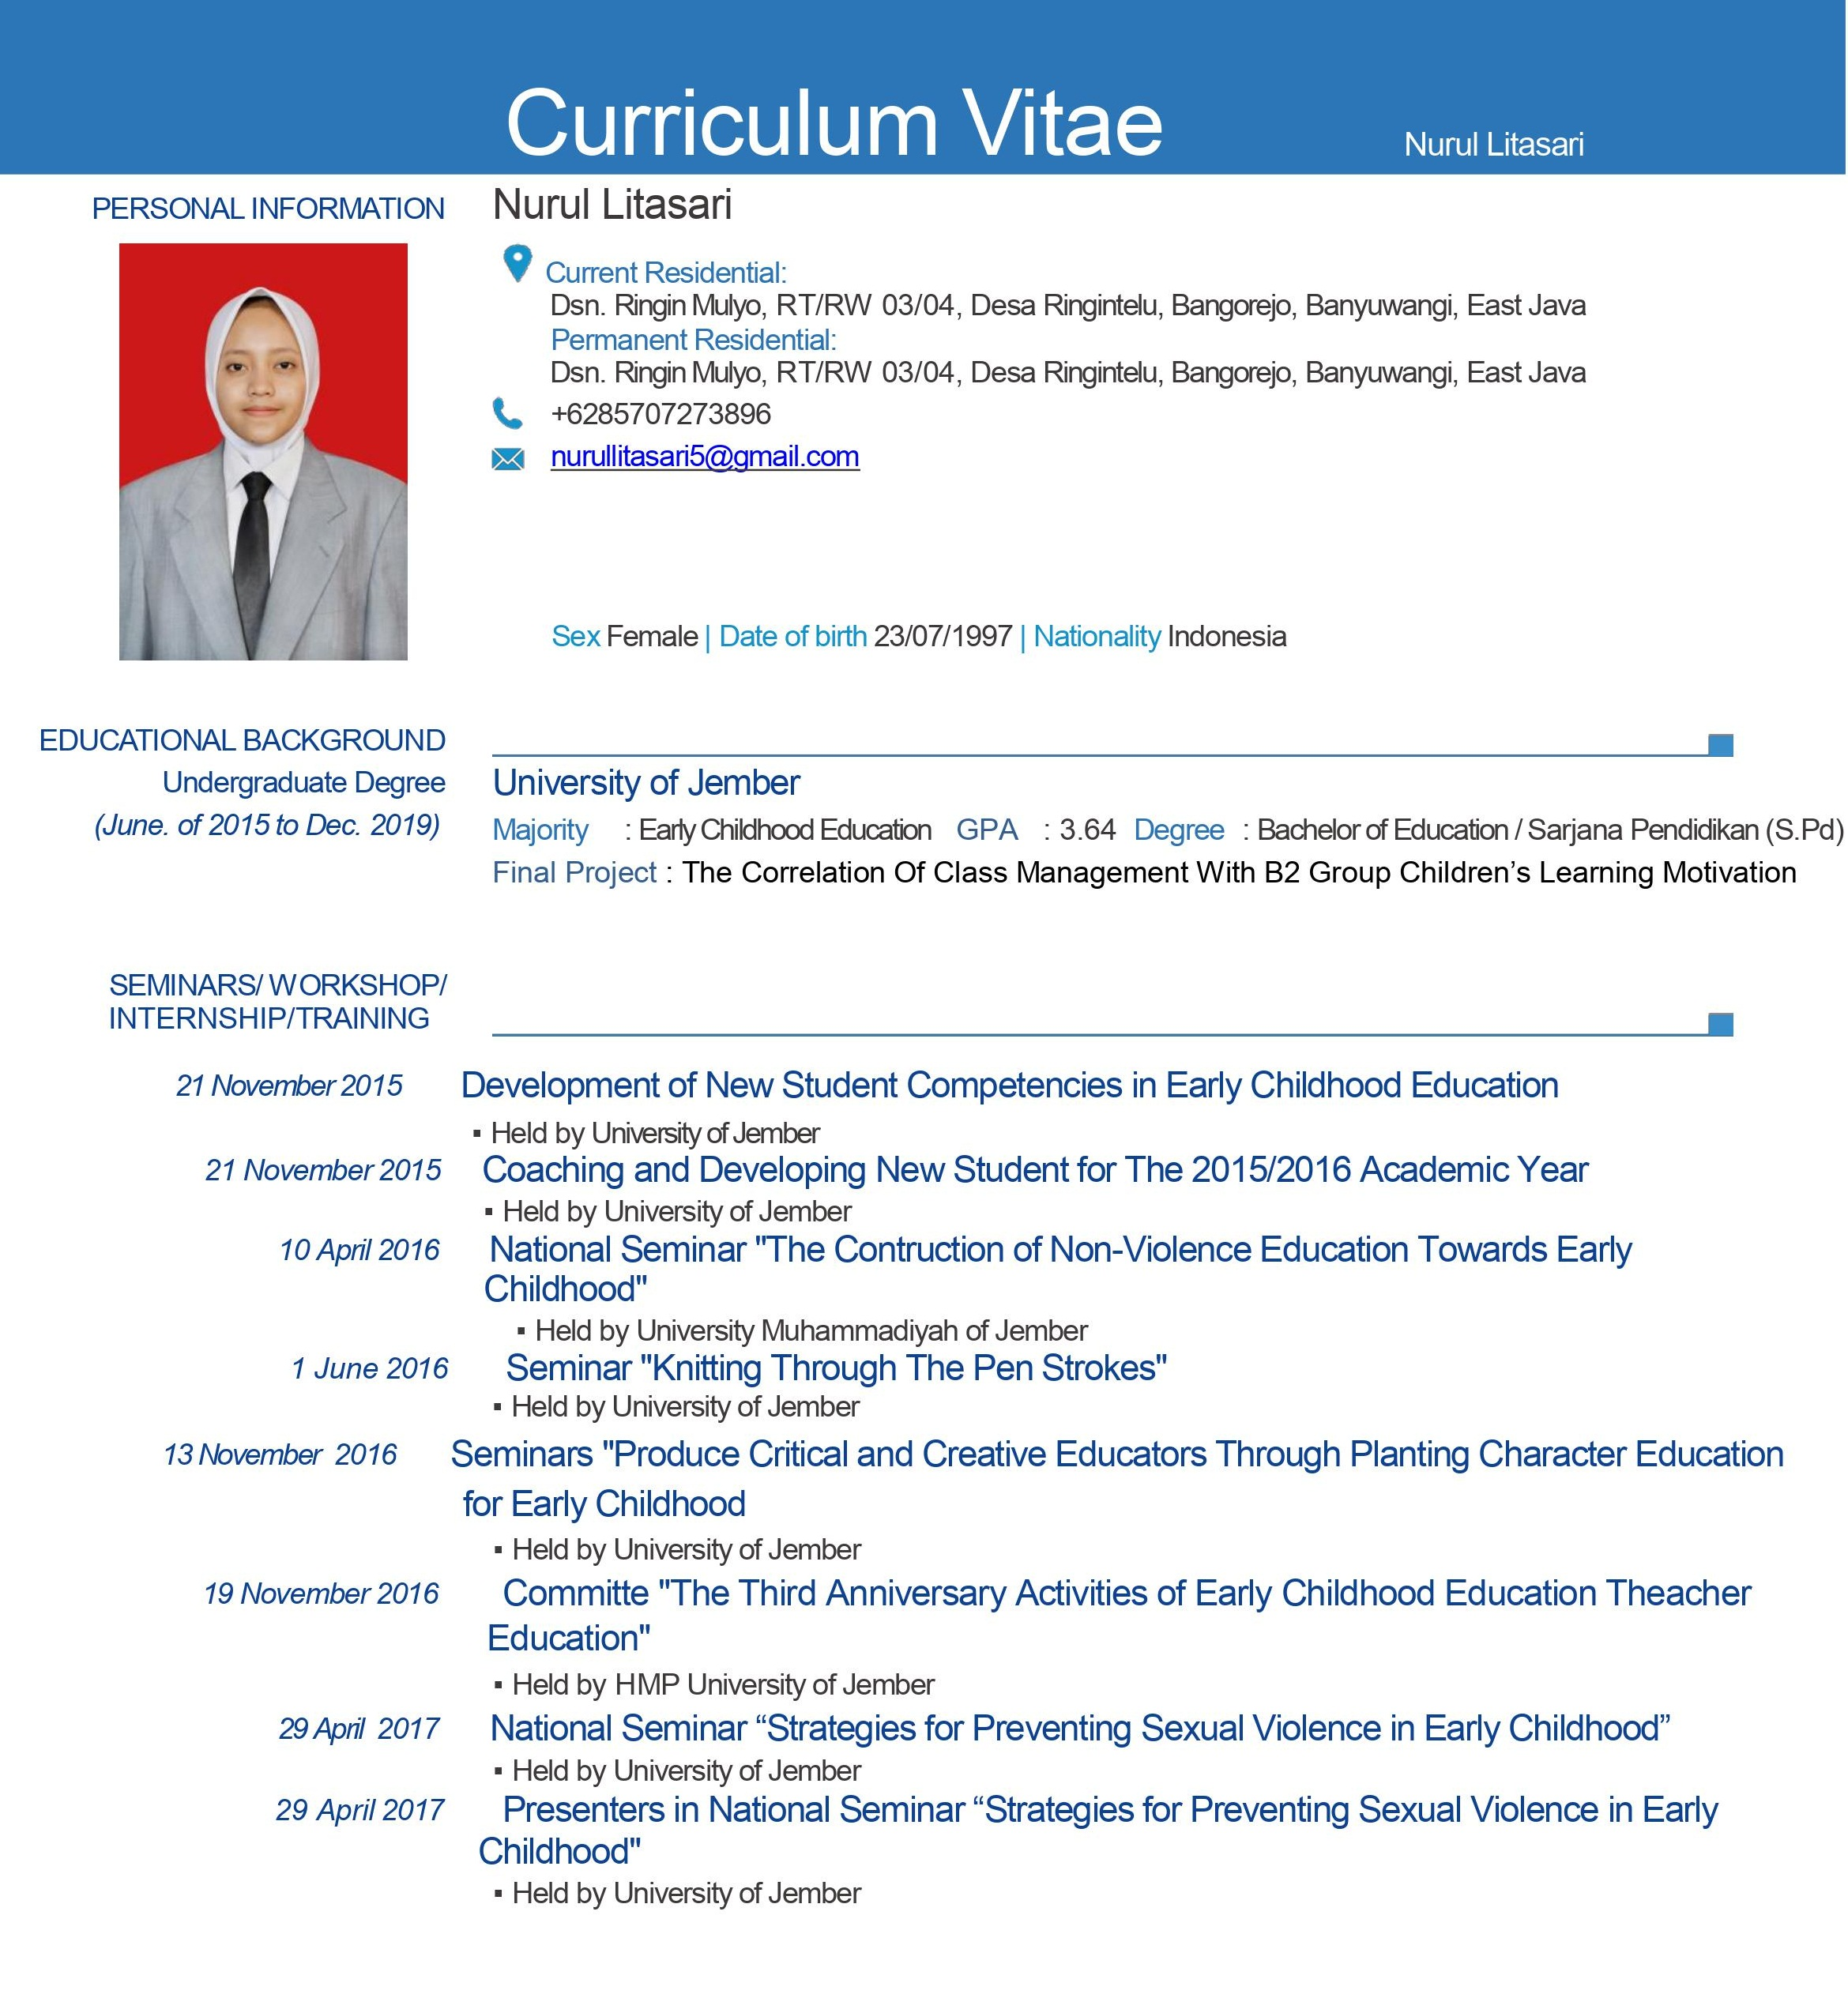 10 Contoh Cv Curriculum Vitae Daftar Riwayat Hidup Lamaran Kerja Menarik